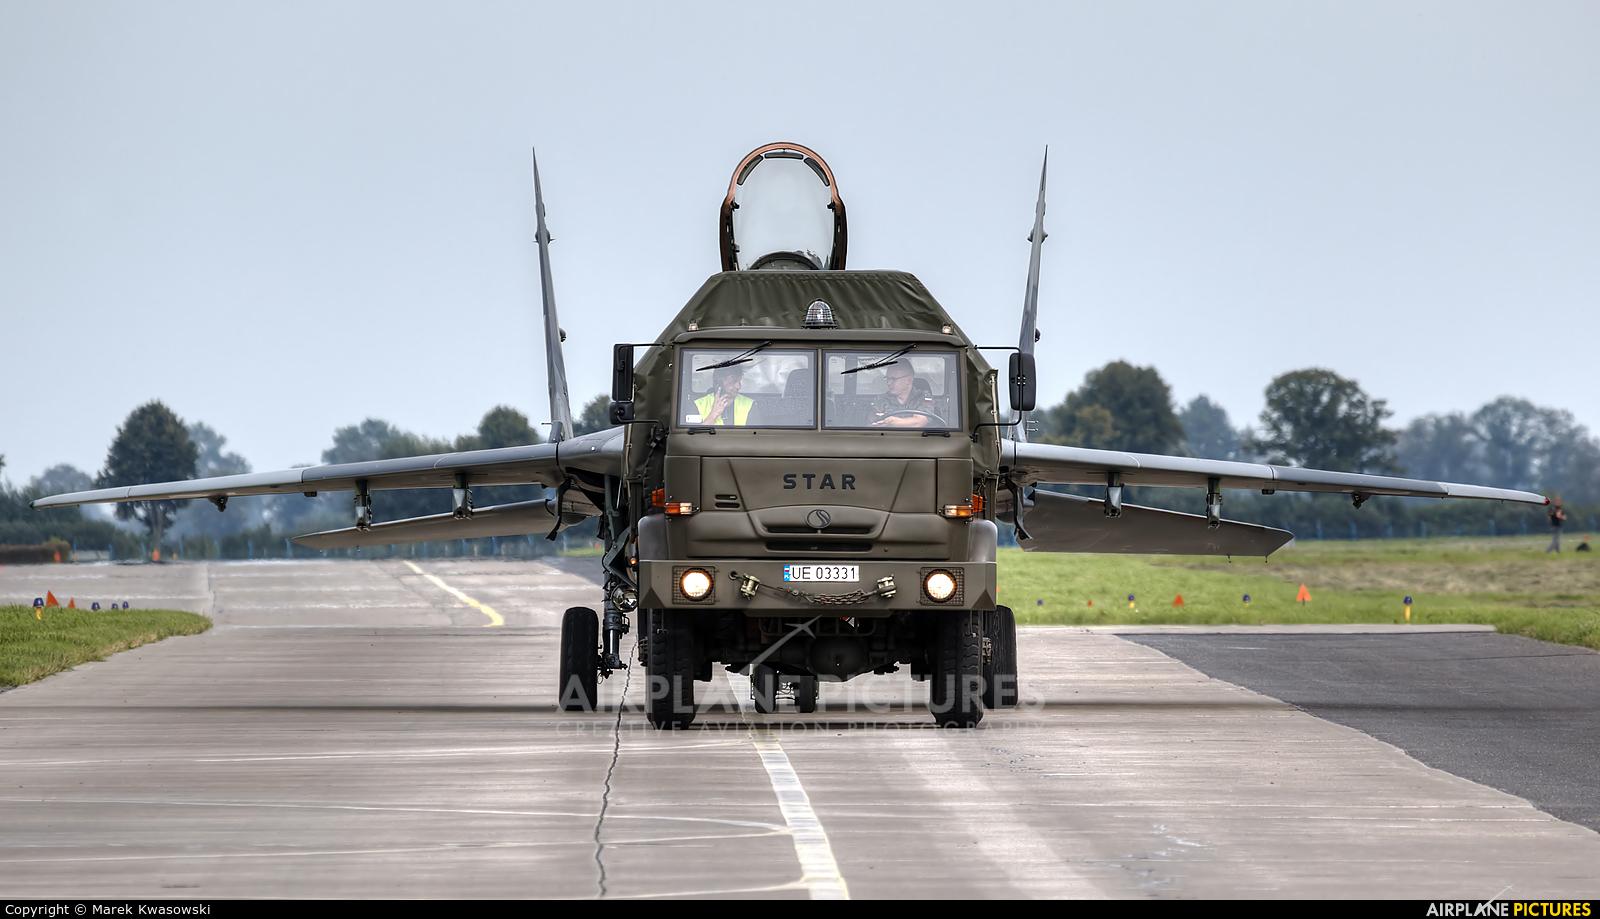 Poland - Air Force 70 aircraft at Malbork